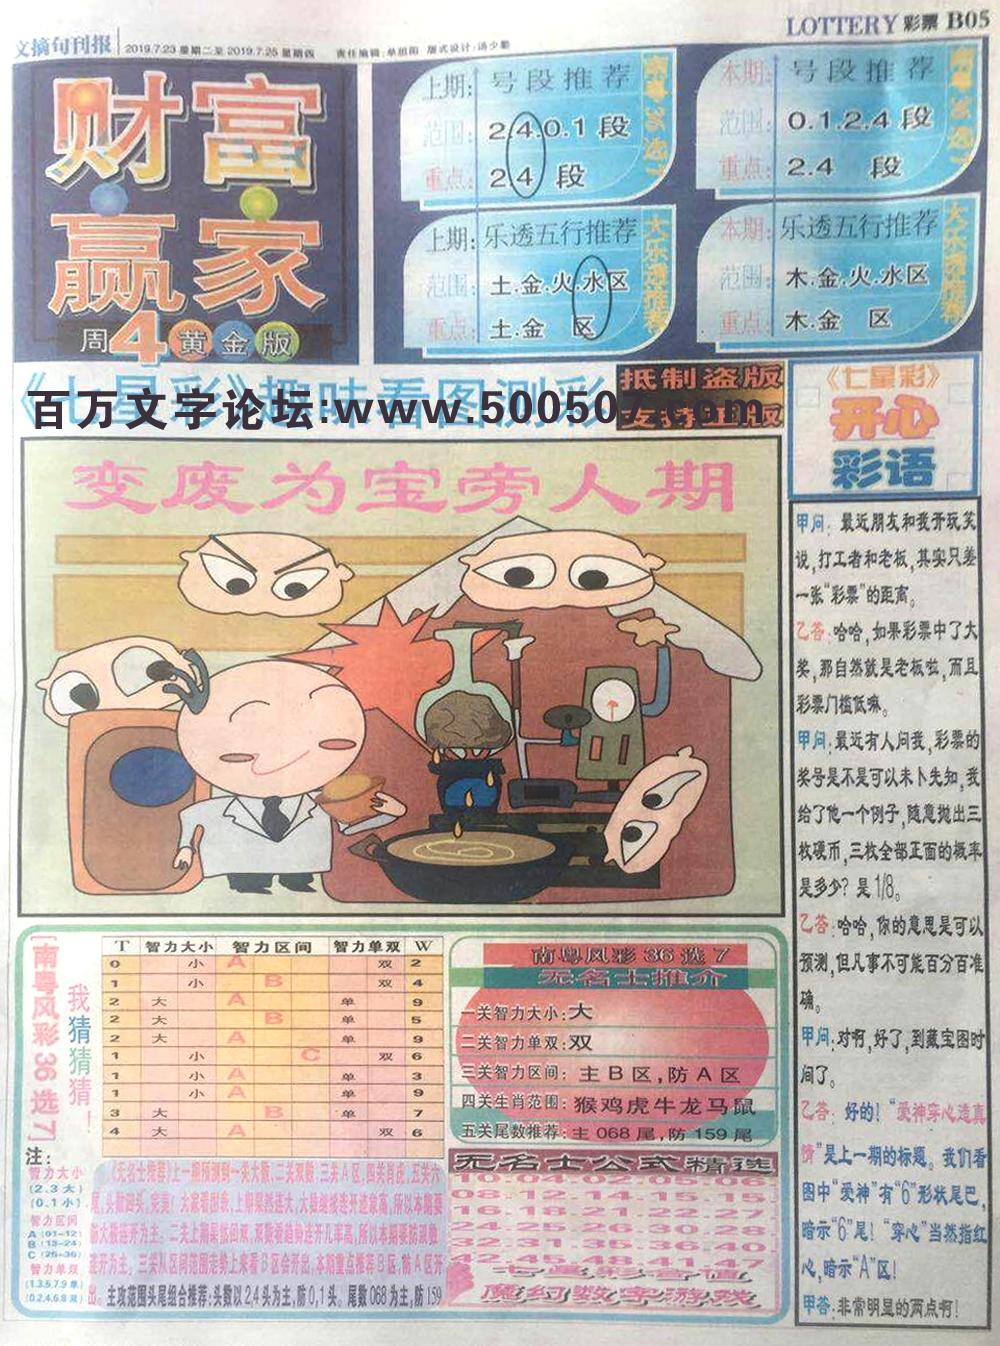 084期:彩民推荐:≮财富赢家≯→(博彩必备)